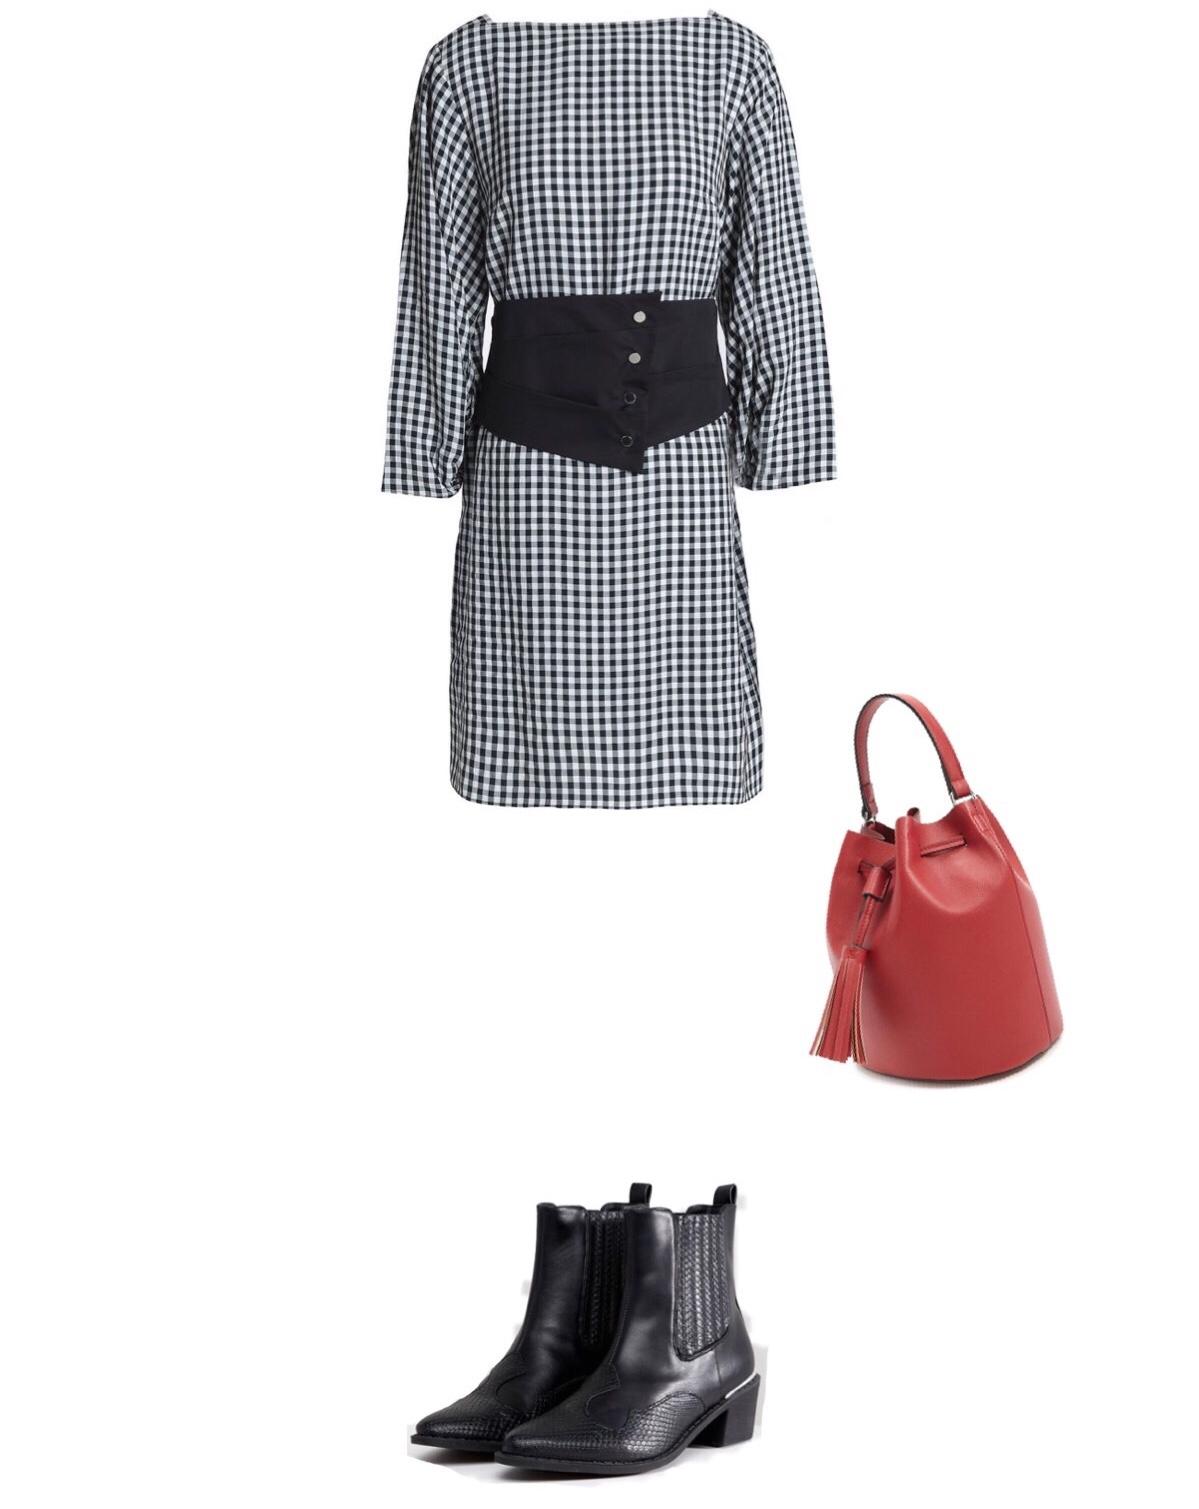 Dress  / Boots:  $56  / Bucket Bag:  $11